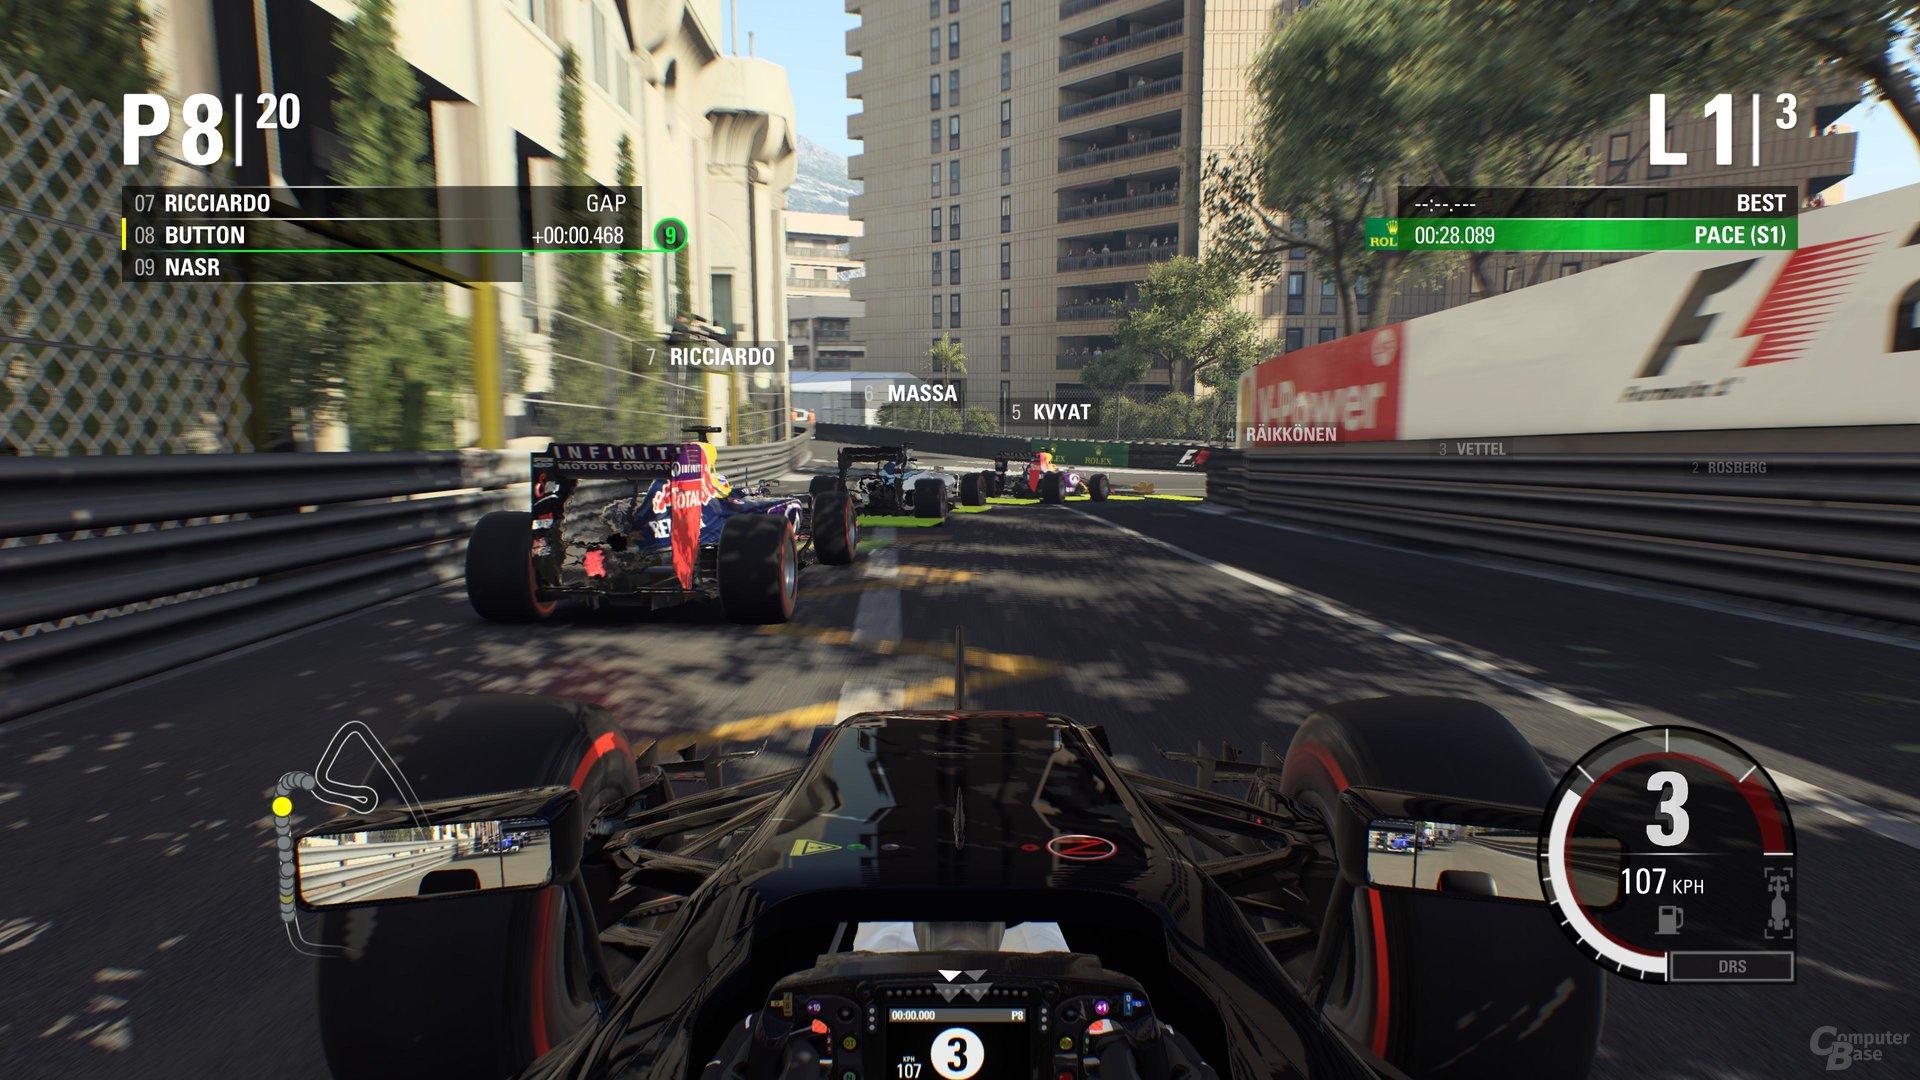 Monaco gehört zu den hübschesten Strecken im Spiel